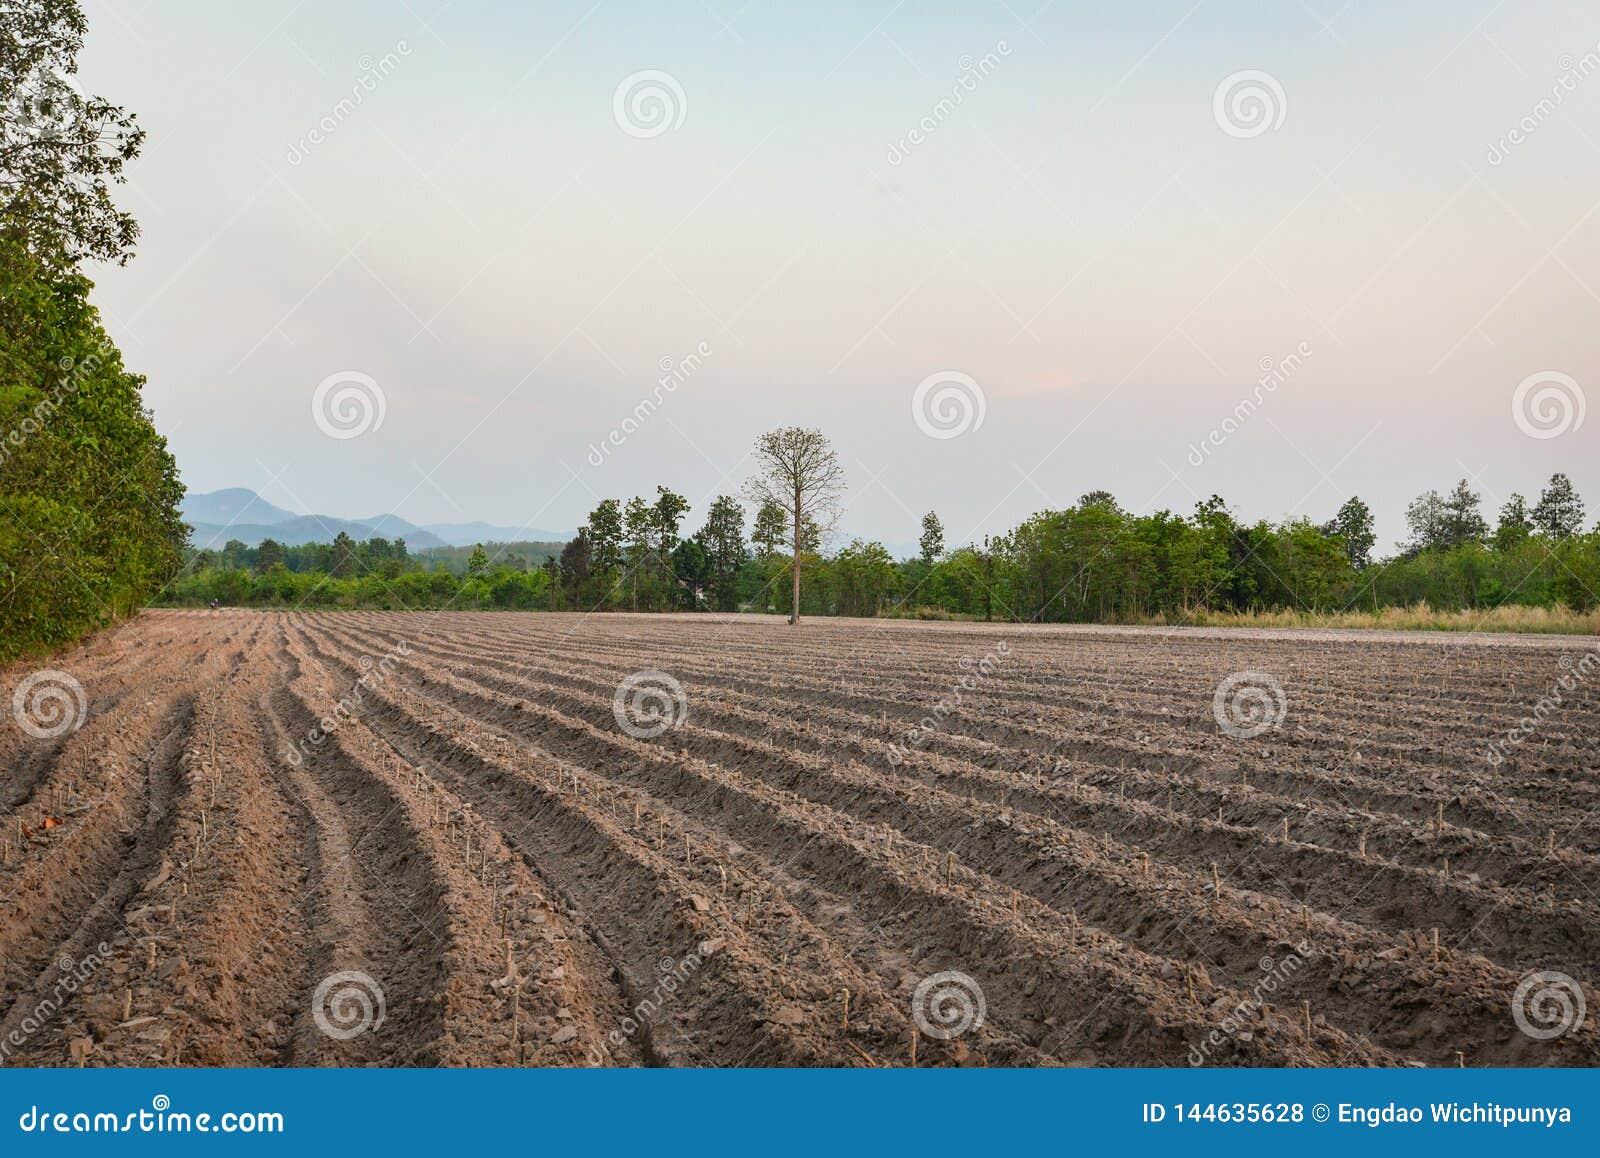 农业犁土壤为开始种植木薯领域农田做准备